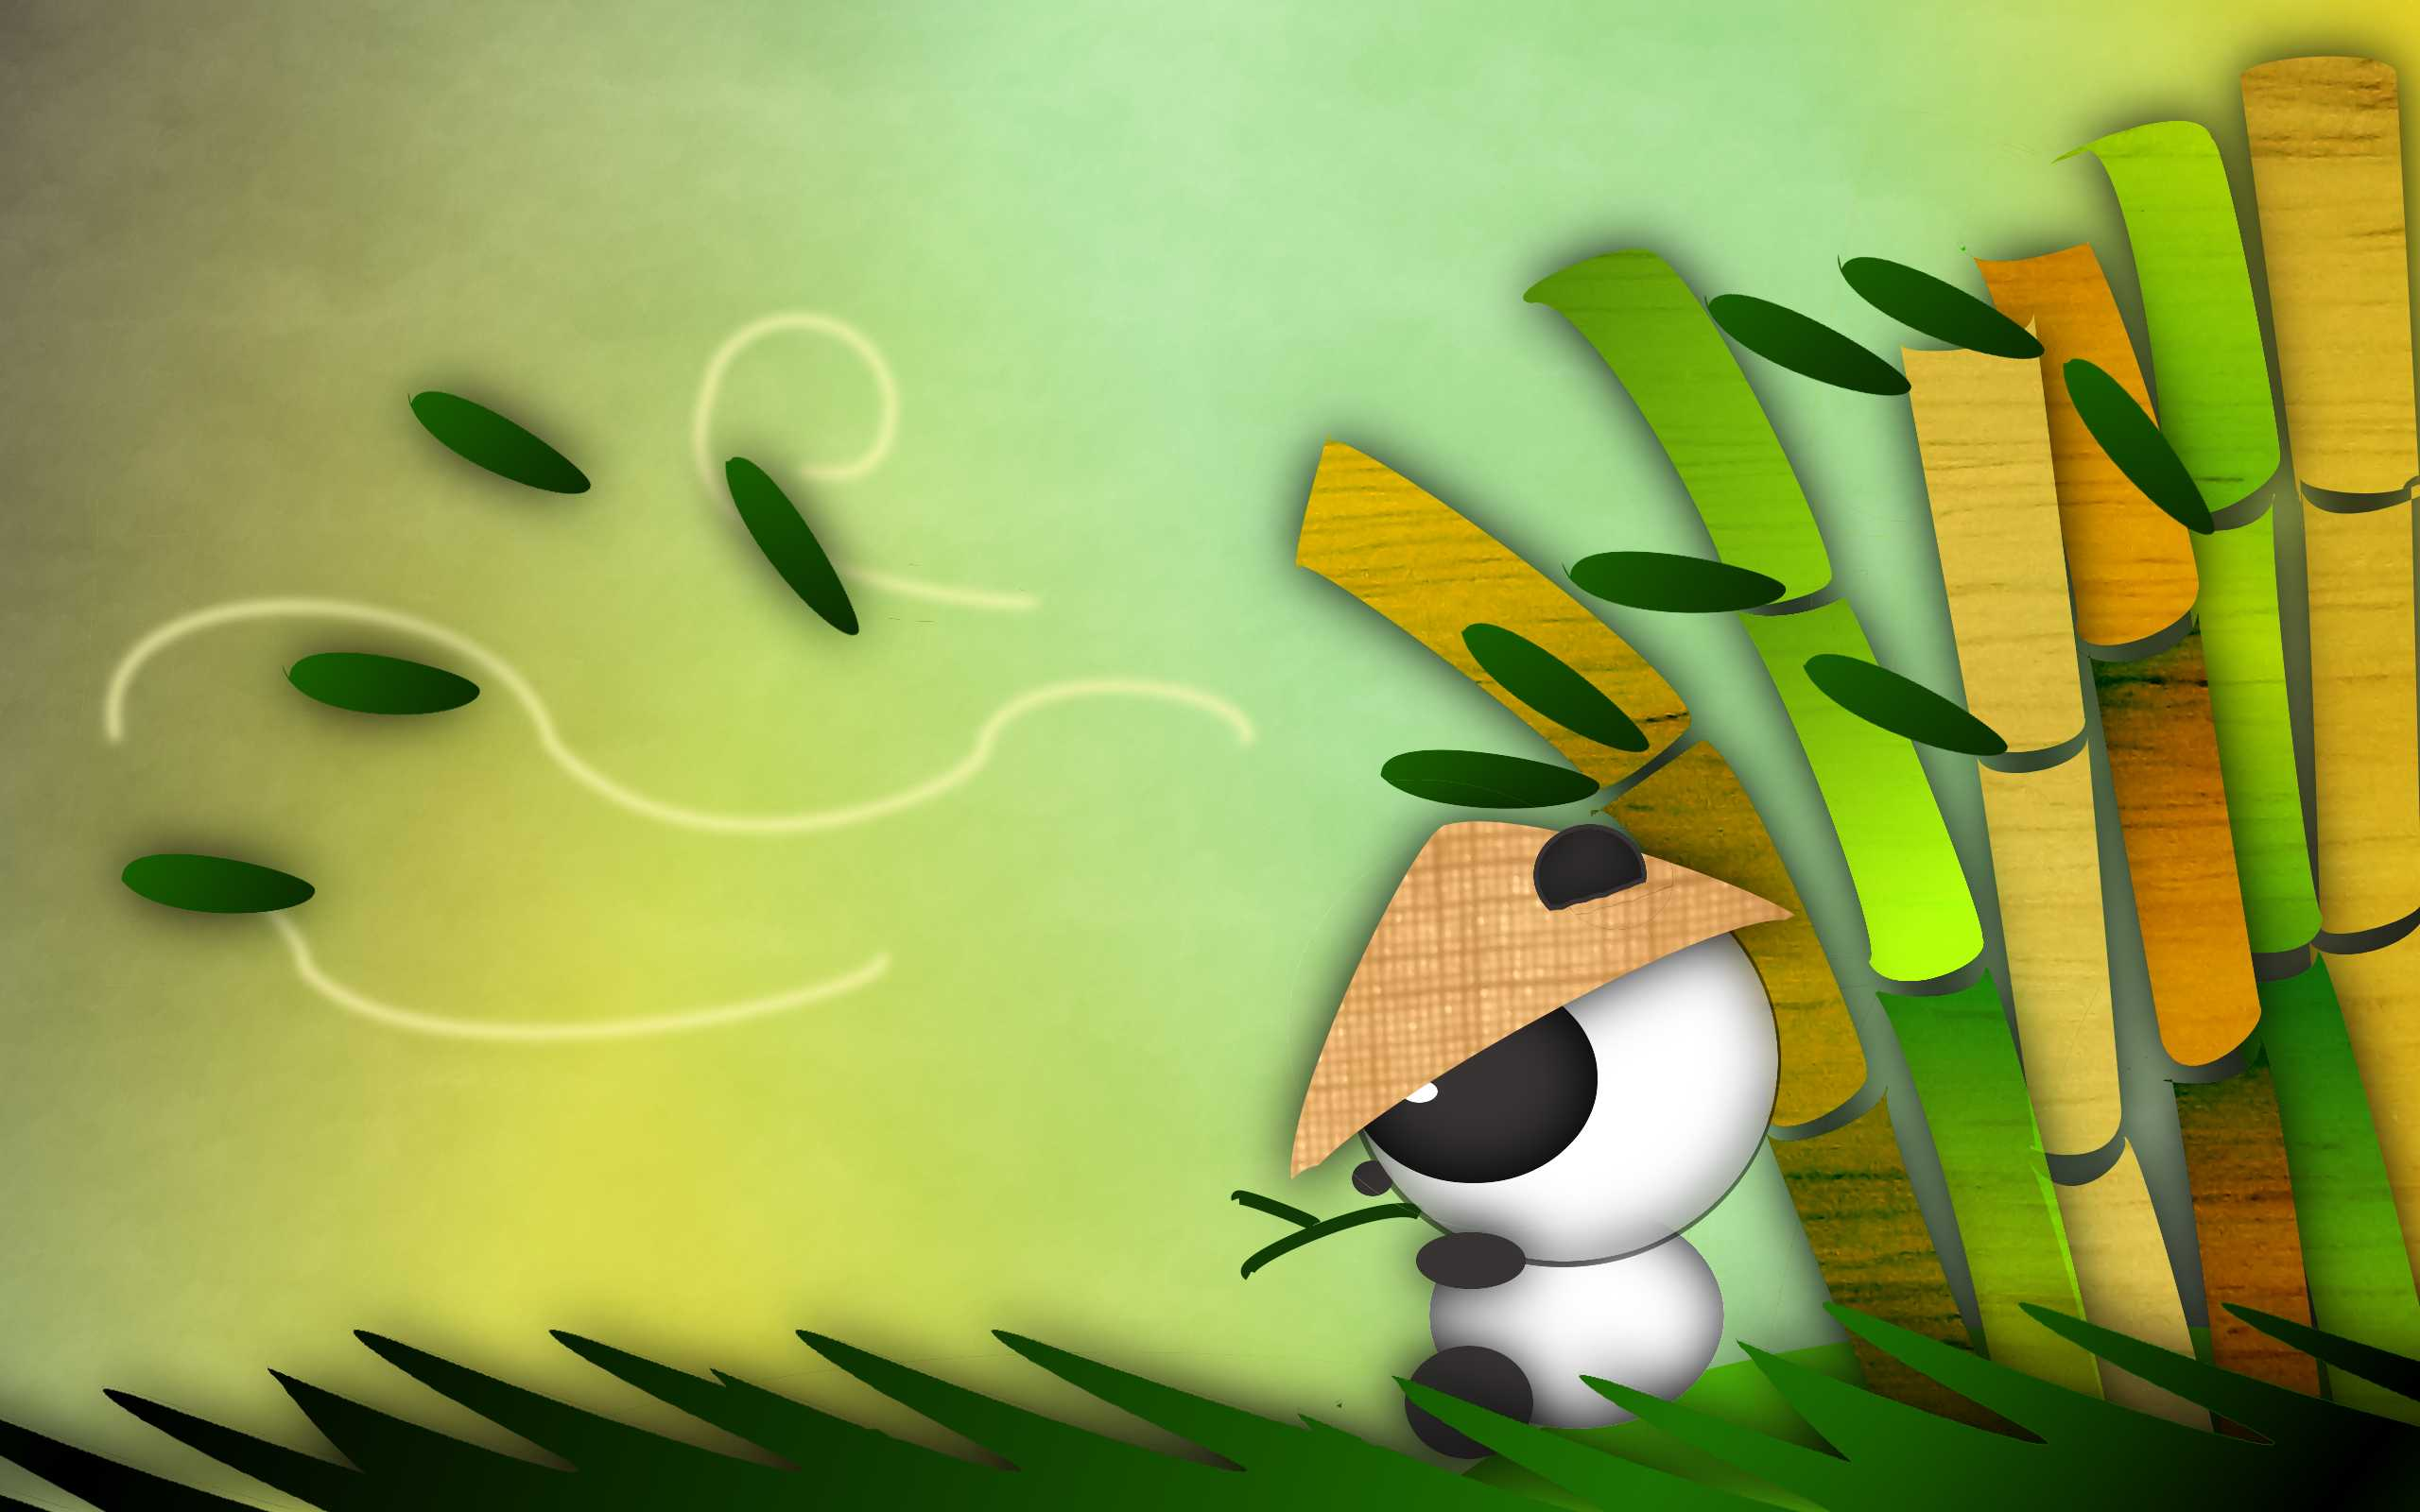 Cute Panda Cartoon HD Wallpaper 8022 Frenziacom 2560x1600